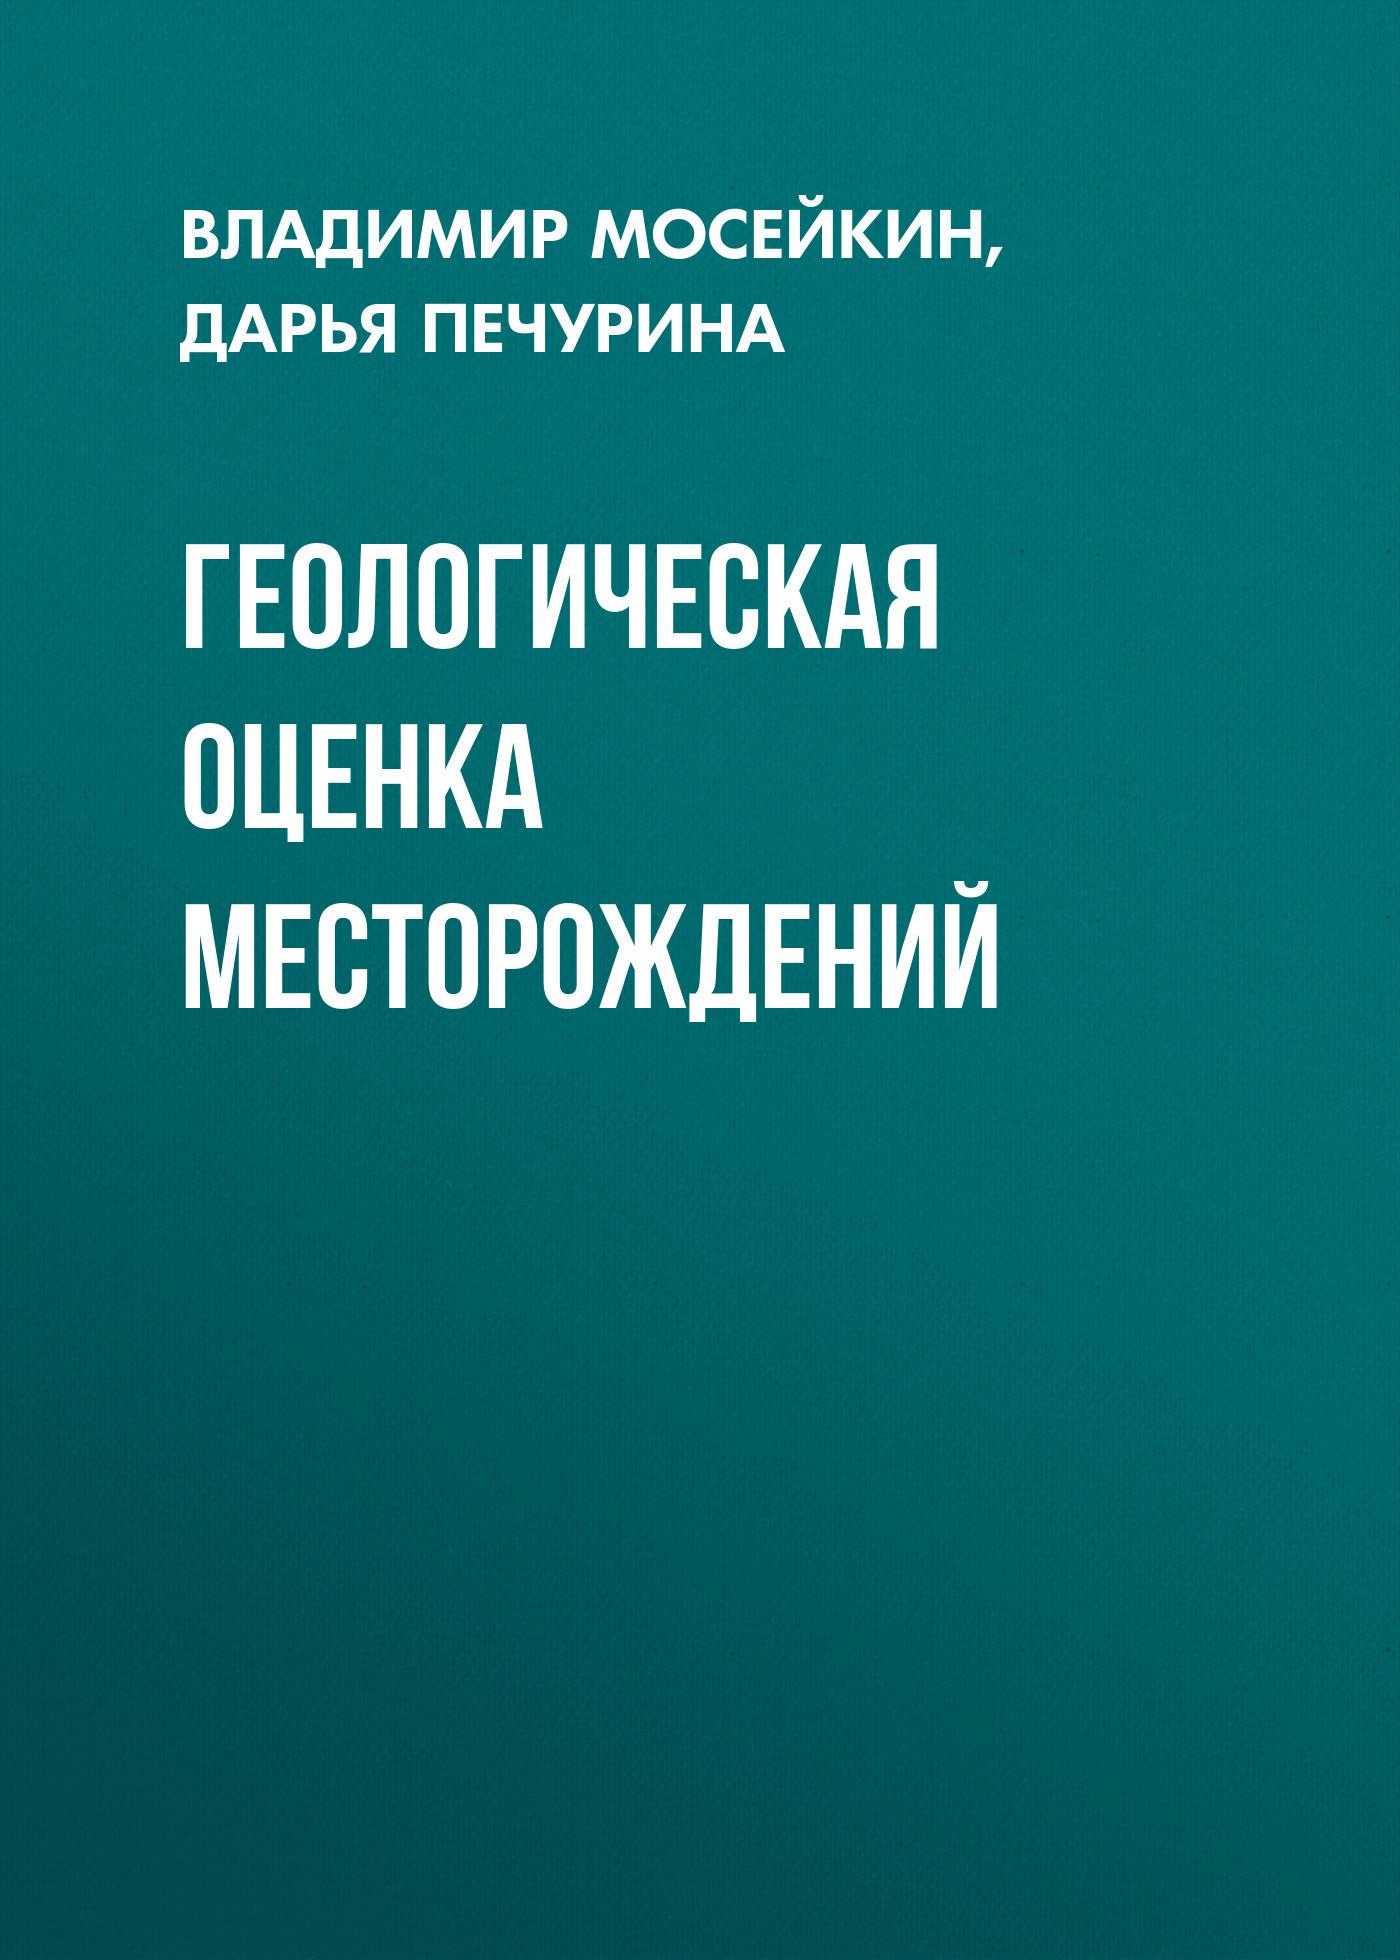 Книга притягивает взоры 35/94/29/35942915.bin.dir/35942915.cover.jpg обложка